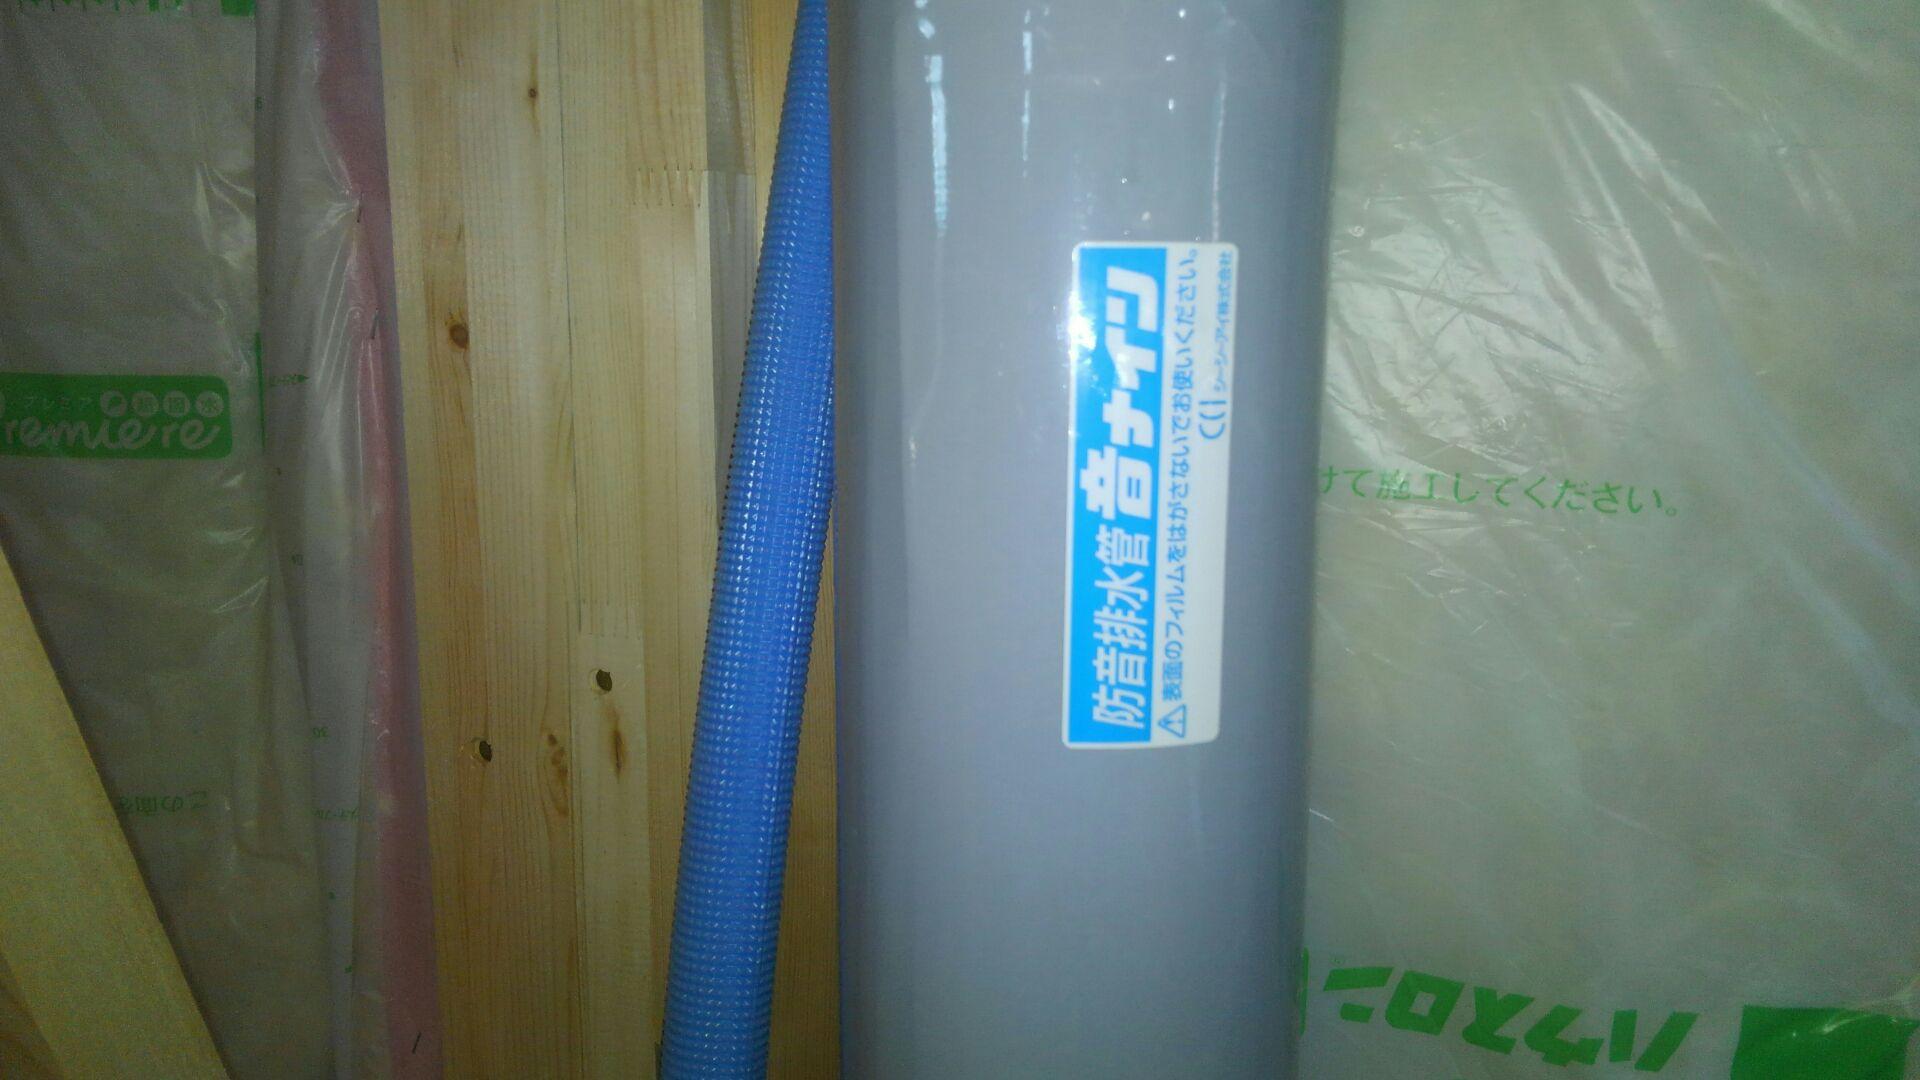 防音排水管「音ナイン」 2階の排水には、この管が最高! 排水の流れる音を軽減してくれます。